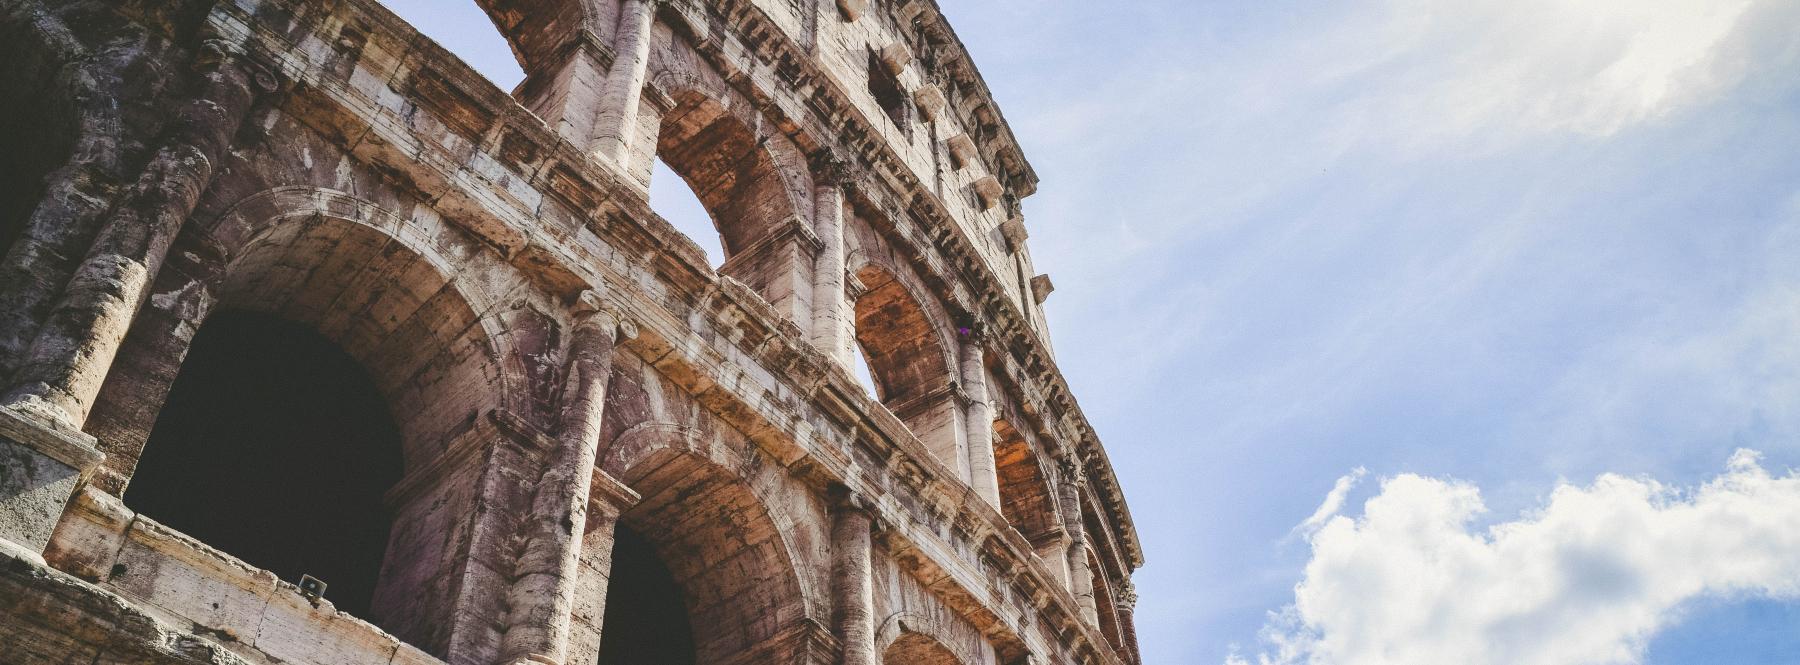 ¿Podríamos construir hoy en día El Coliseo?